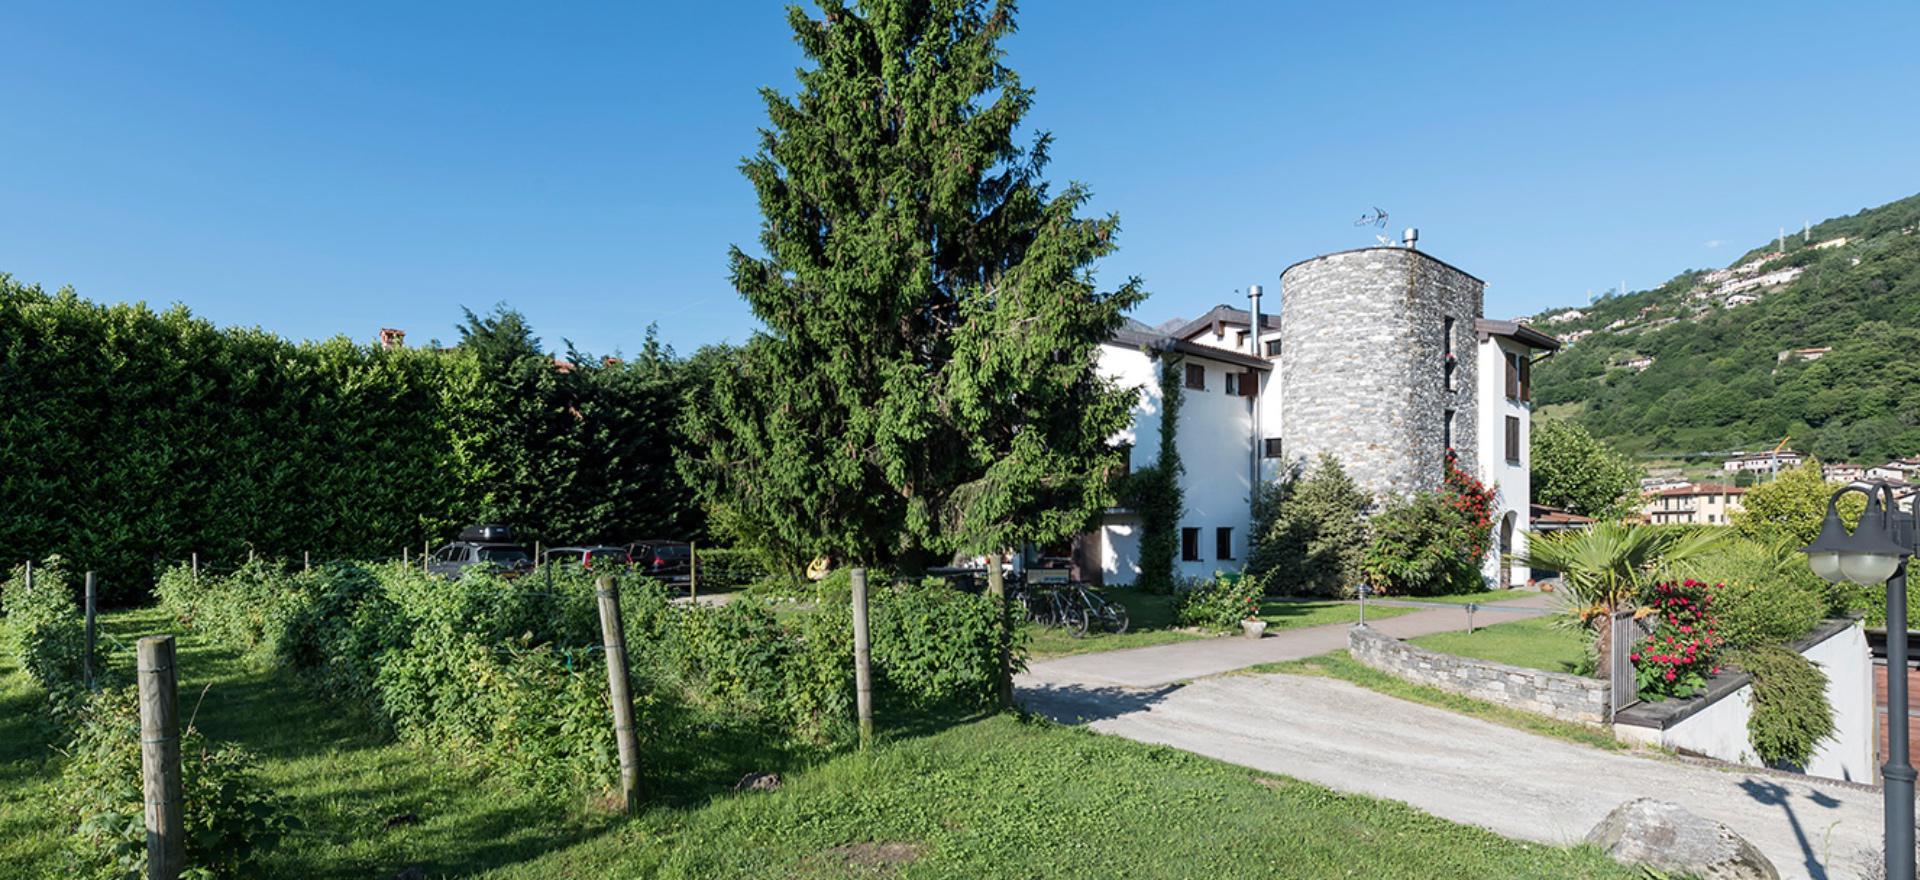 Agriturismo Comer See und Gardasee Agriturismo Comer See, sehr nah am See gelegen